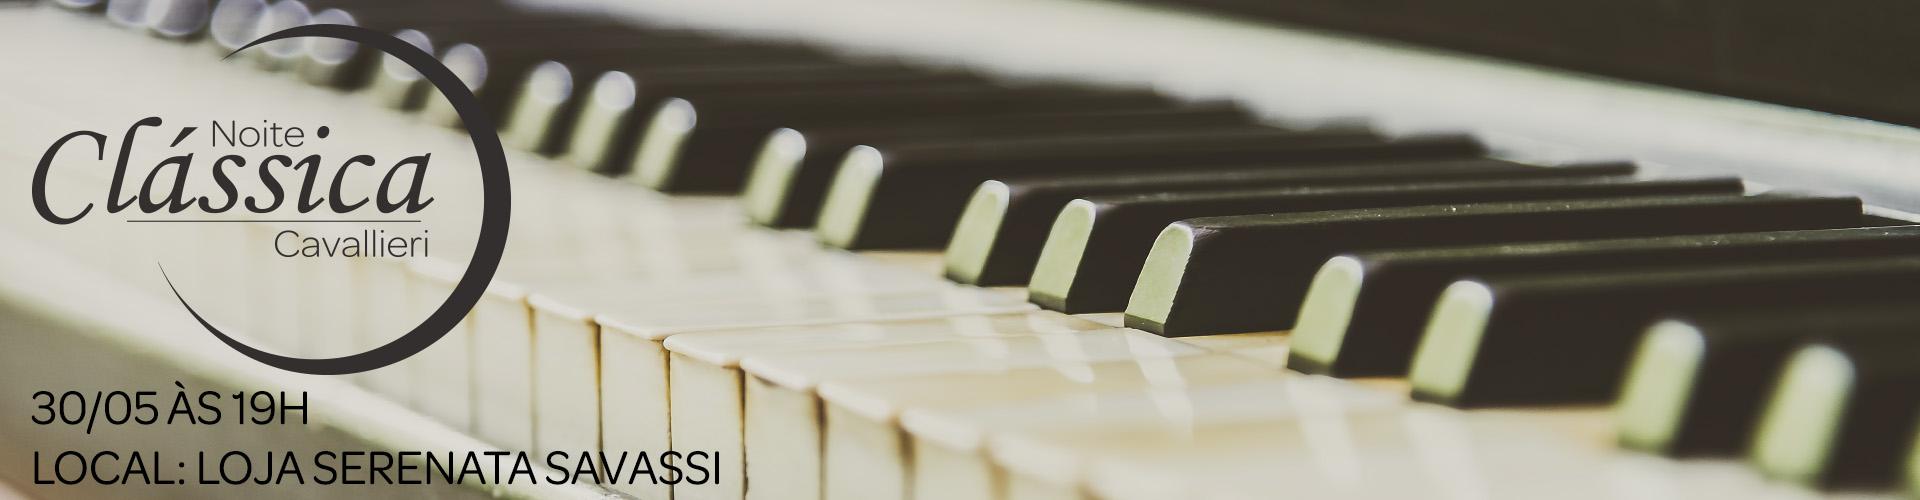 noite-clássica-cavallieri-evento-de-música-em-bh